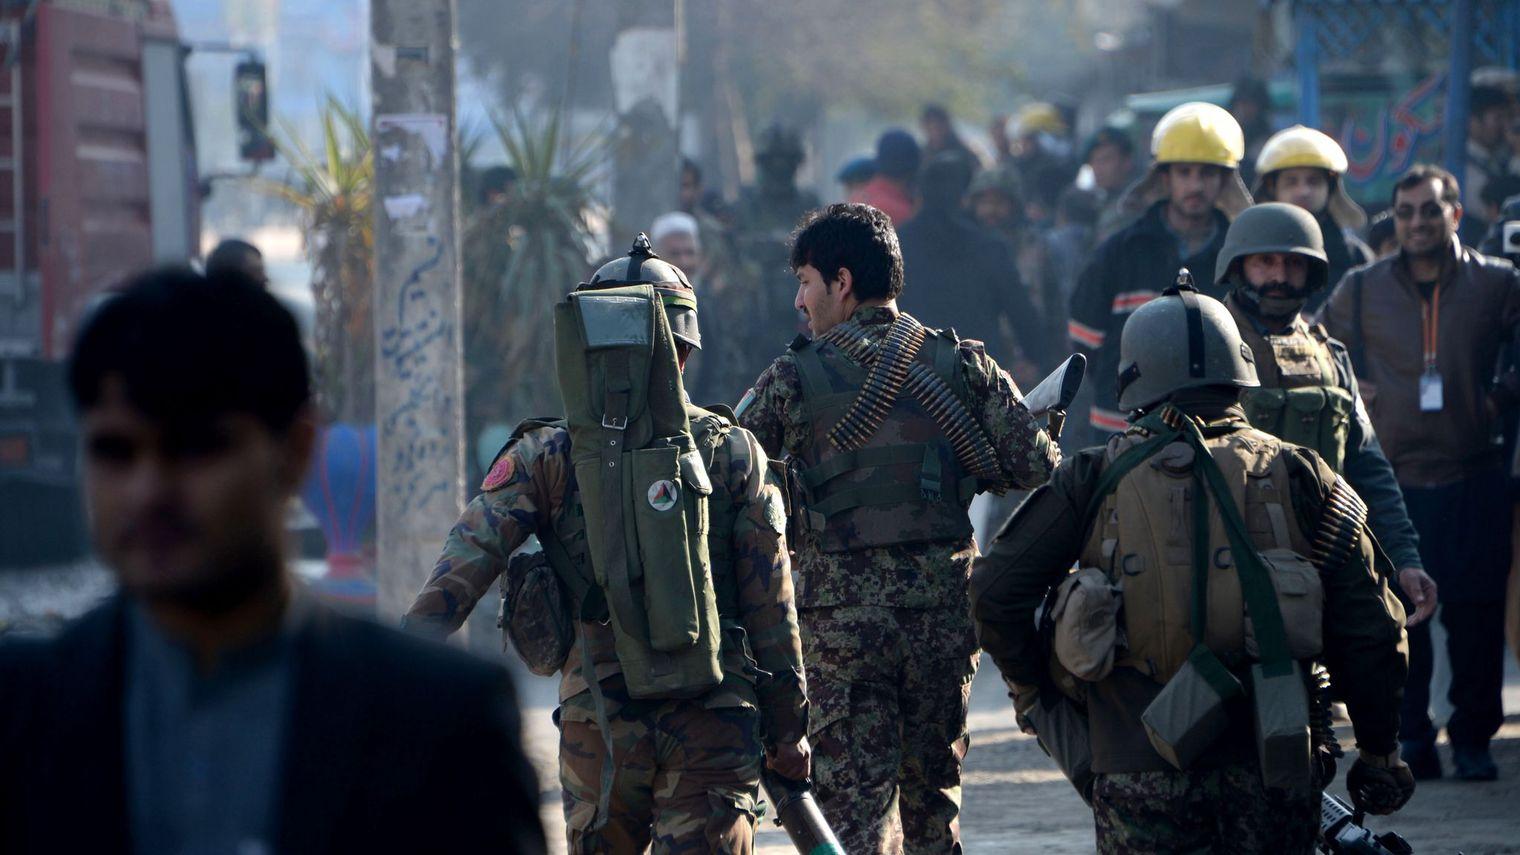 13 morts dans un attentat suicide en Afghanistan